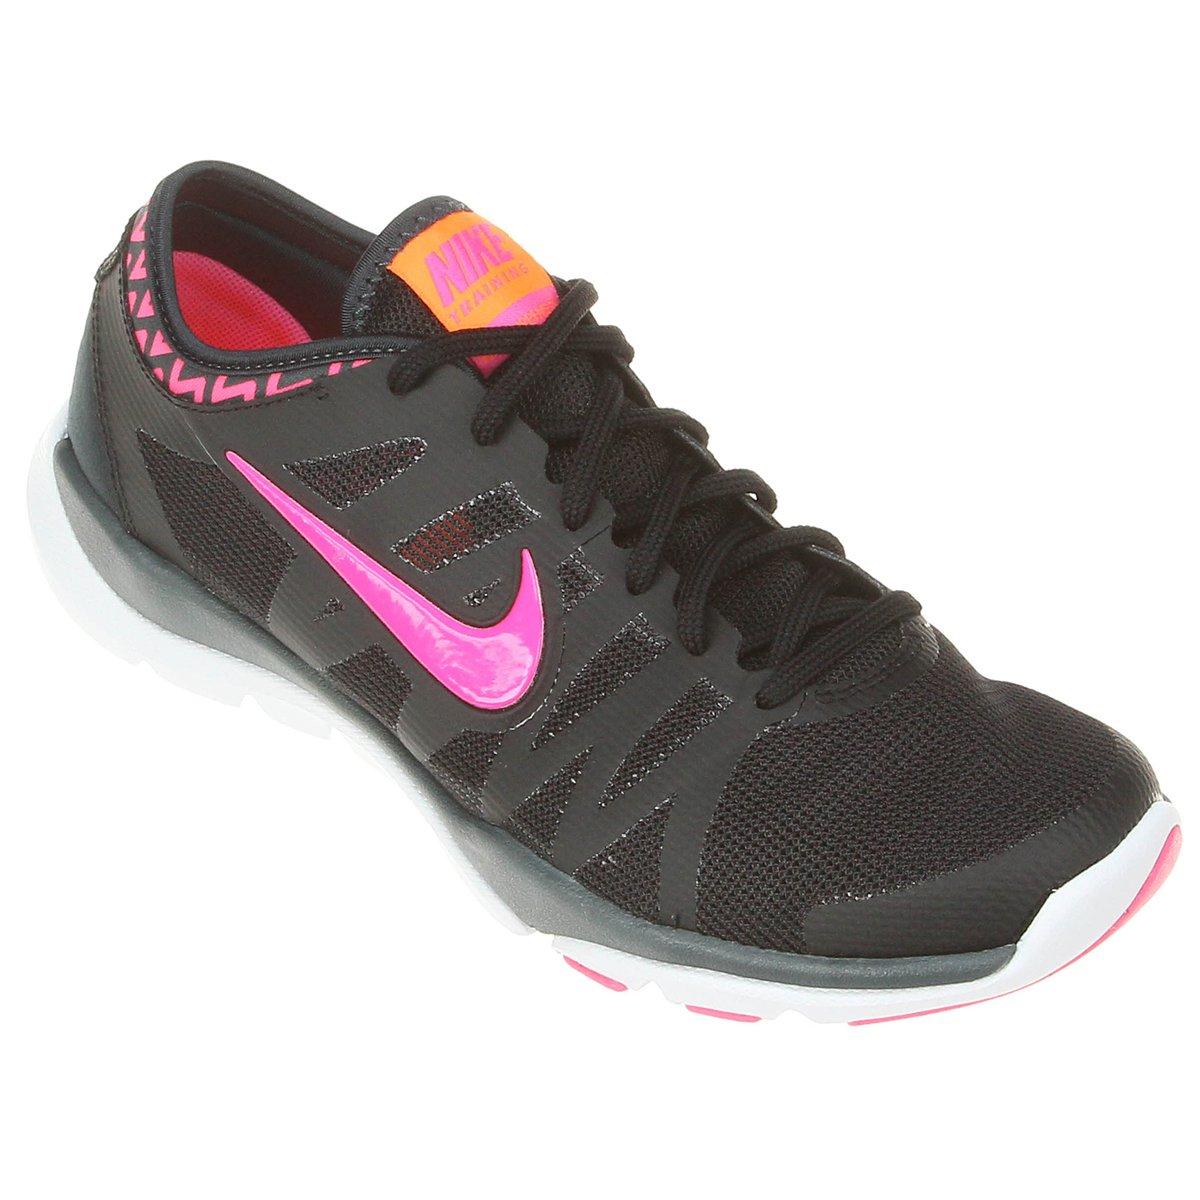 0e54ba3f519 Tênis Nike Flex Supreme TR 3 Feminino - Compre Agora